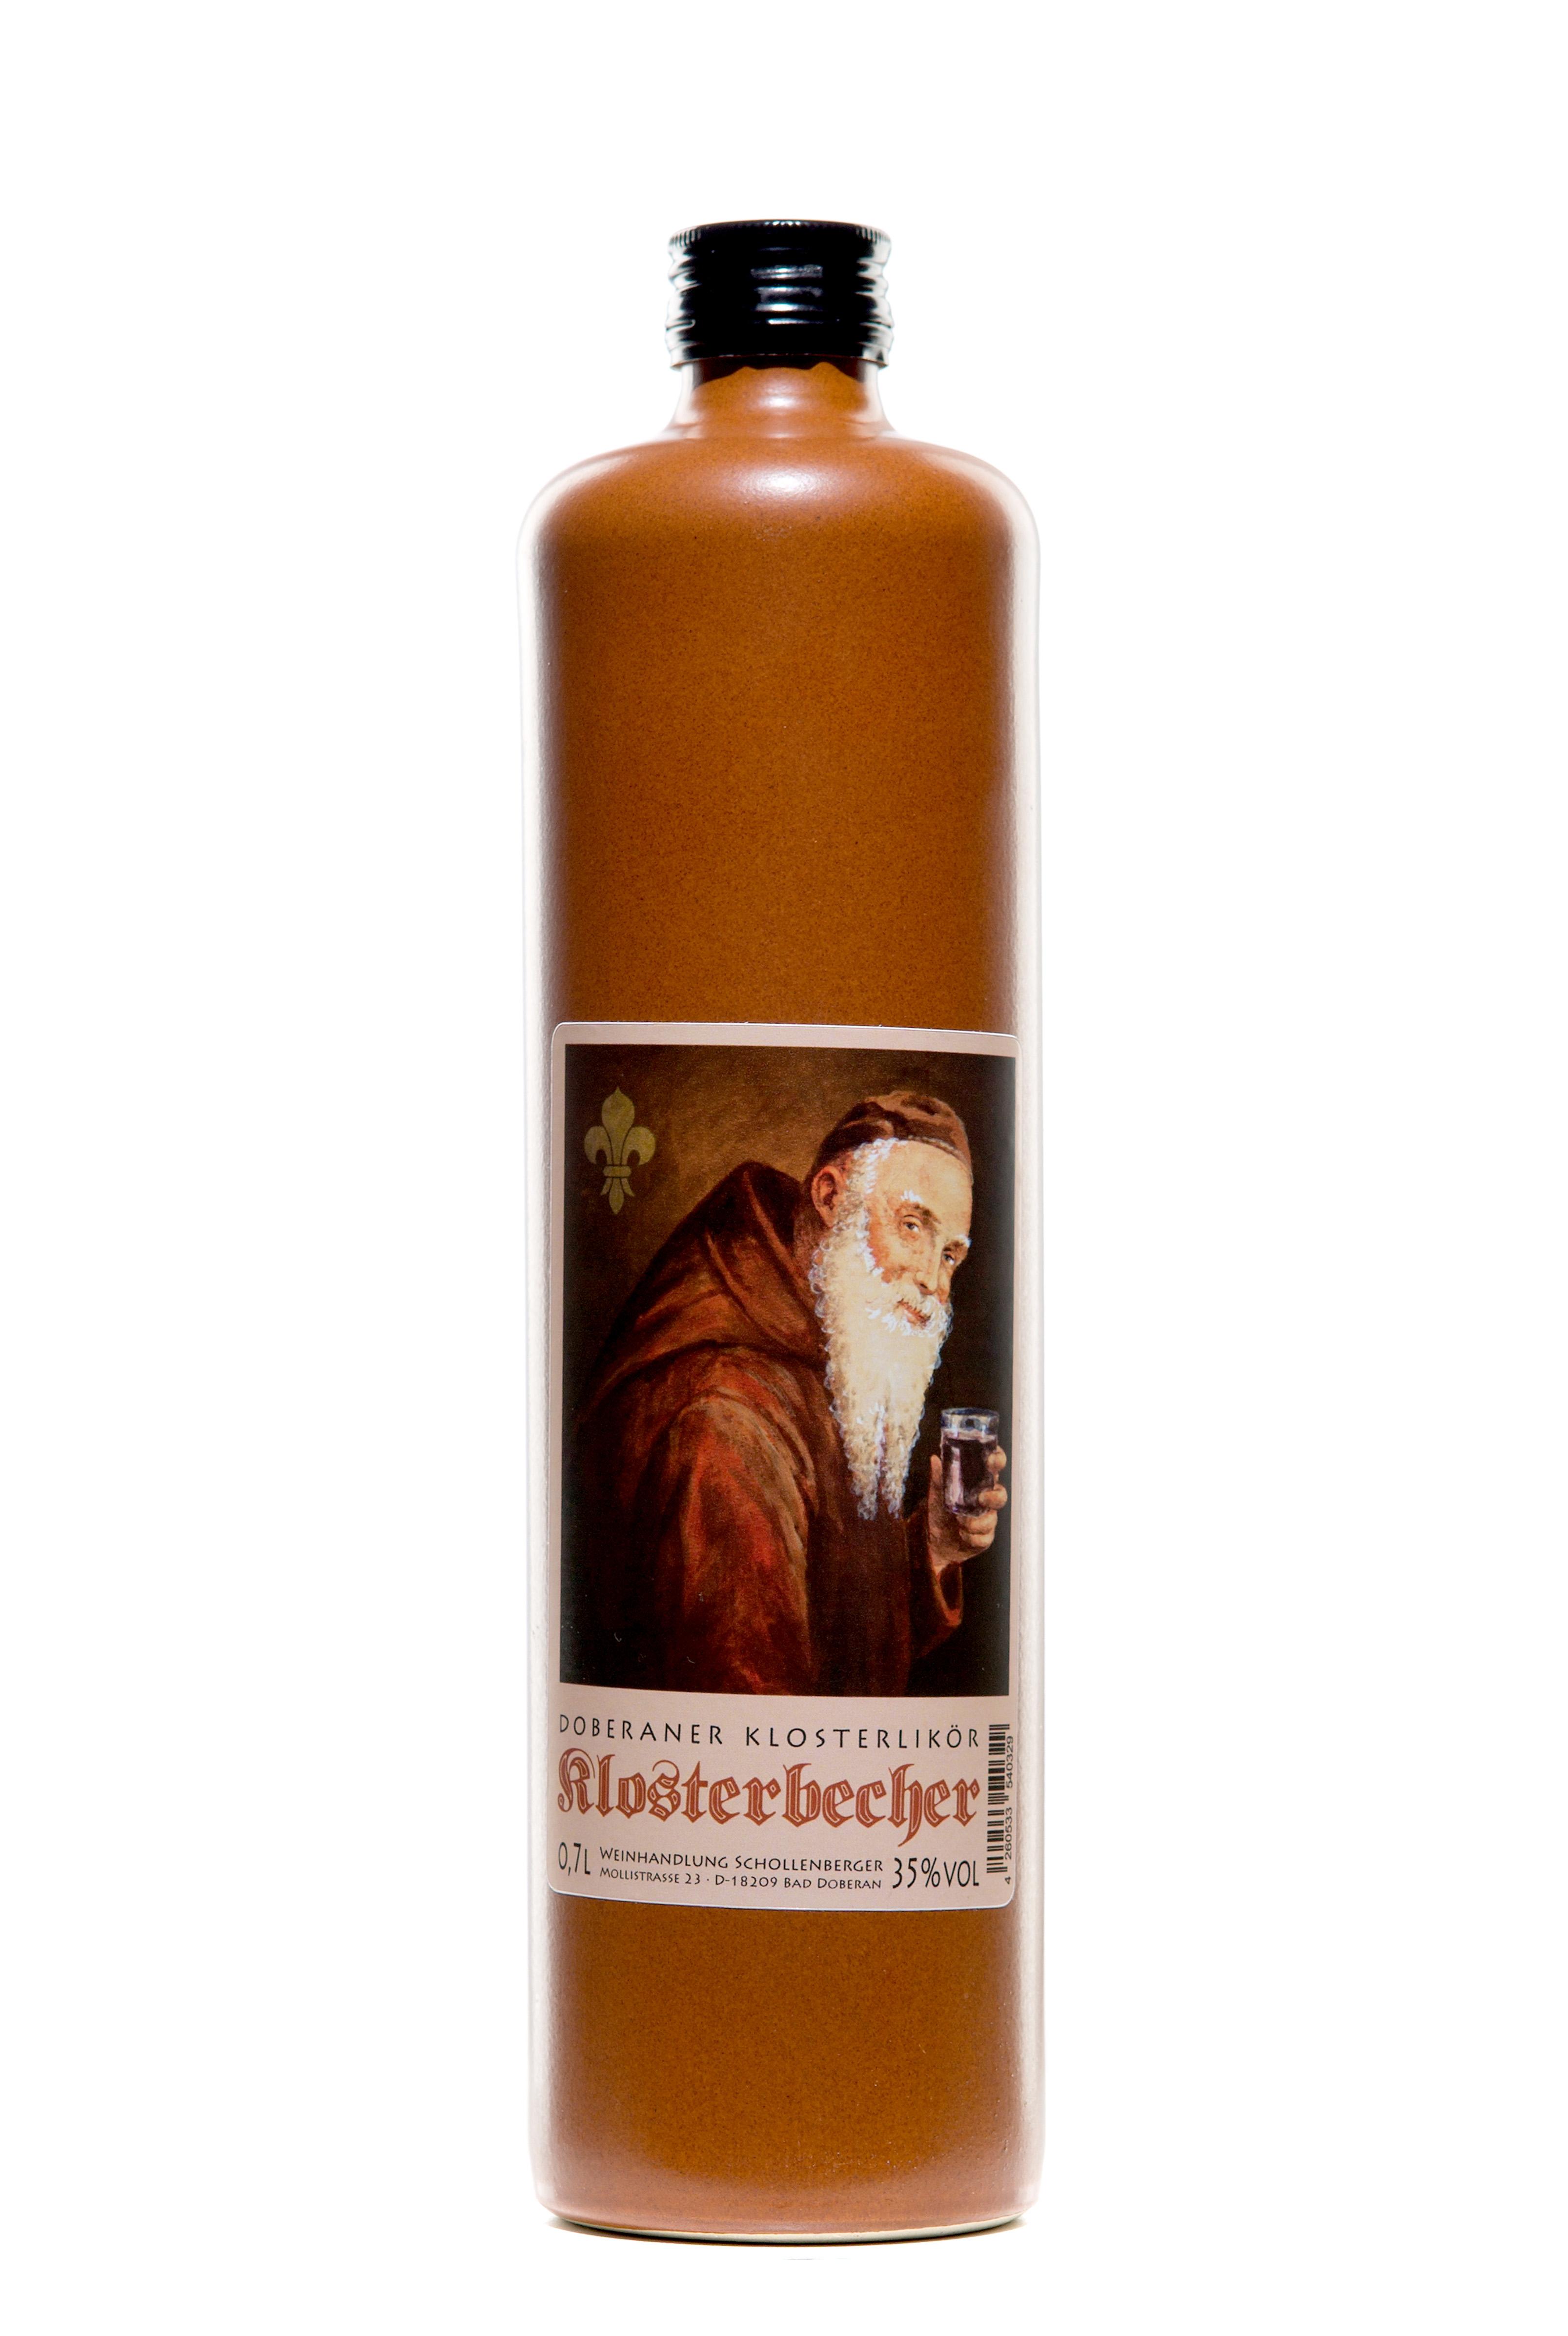 Doberaner Klostebecher